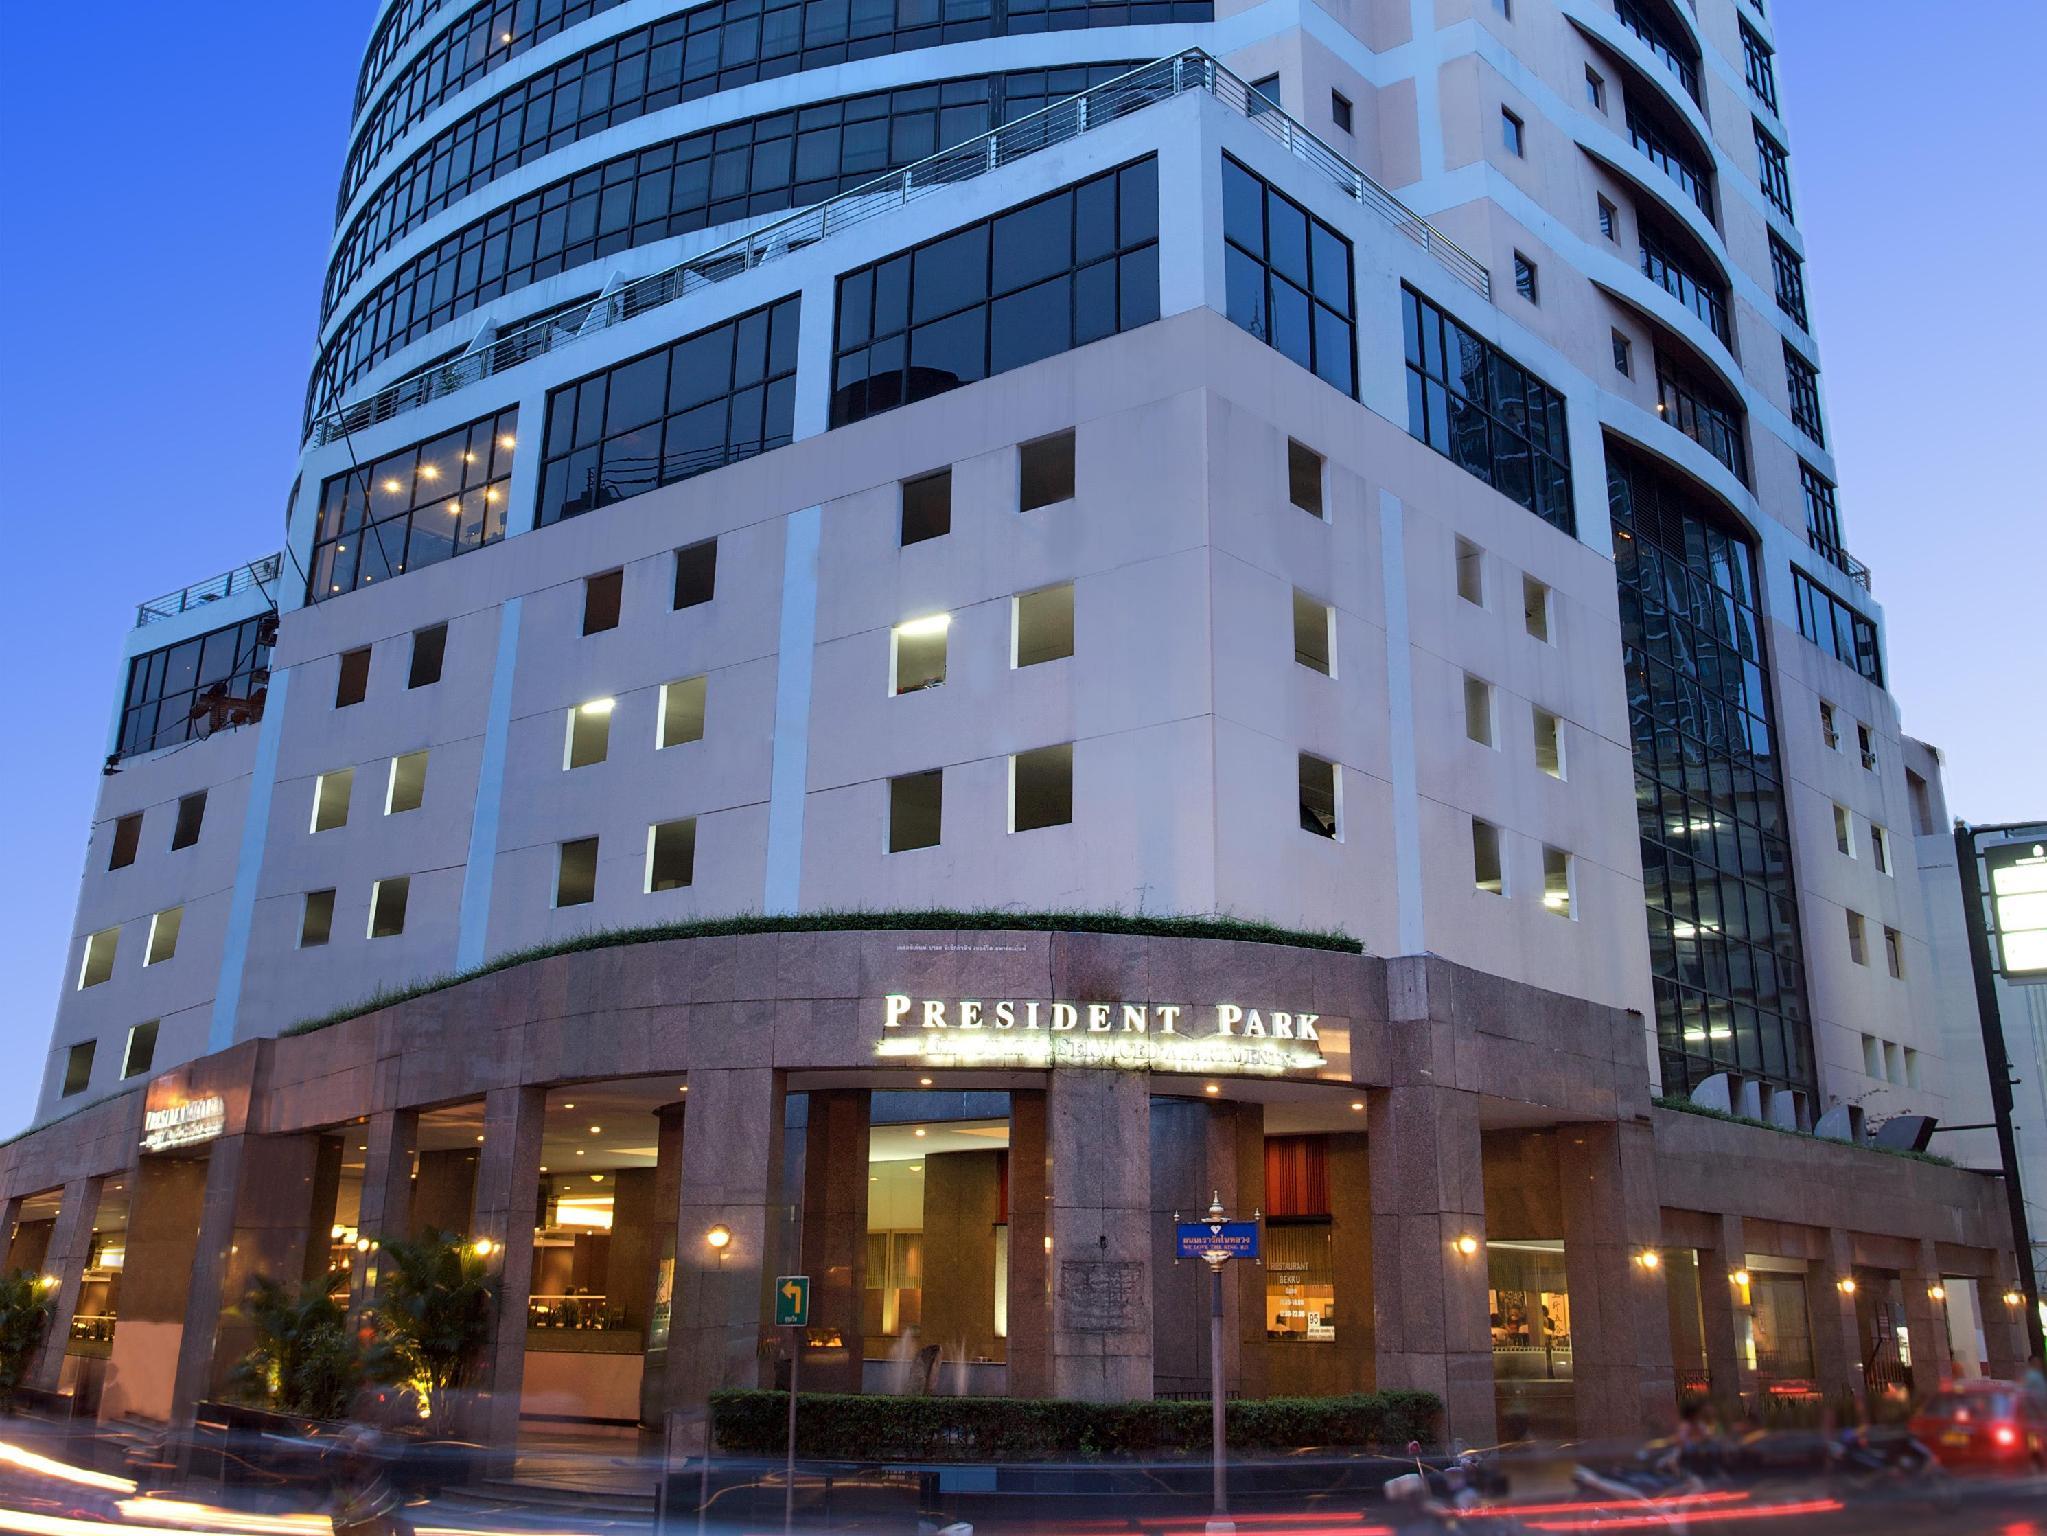 โรงแรมเพรสซิเดนท์ ปาร์ค